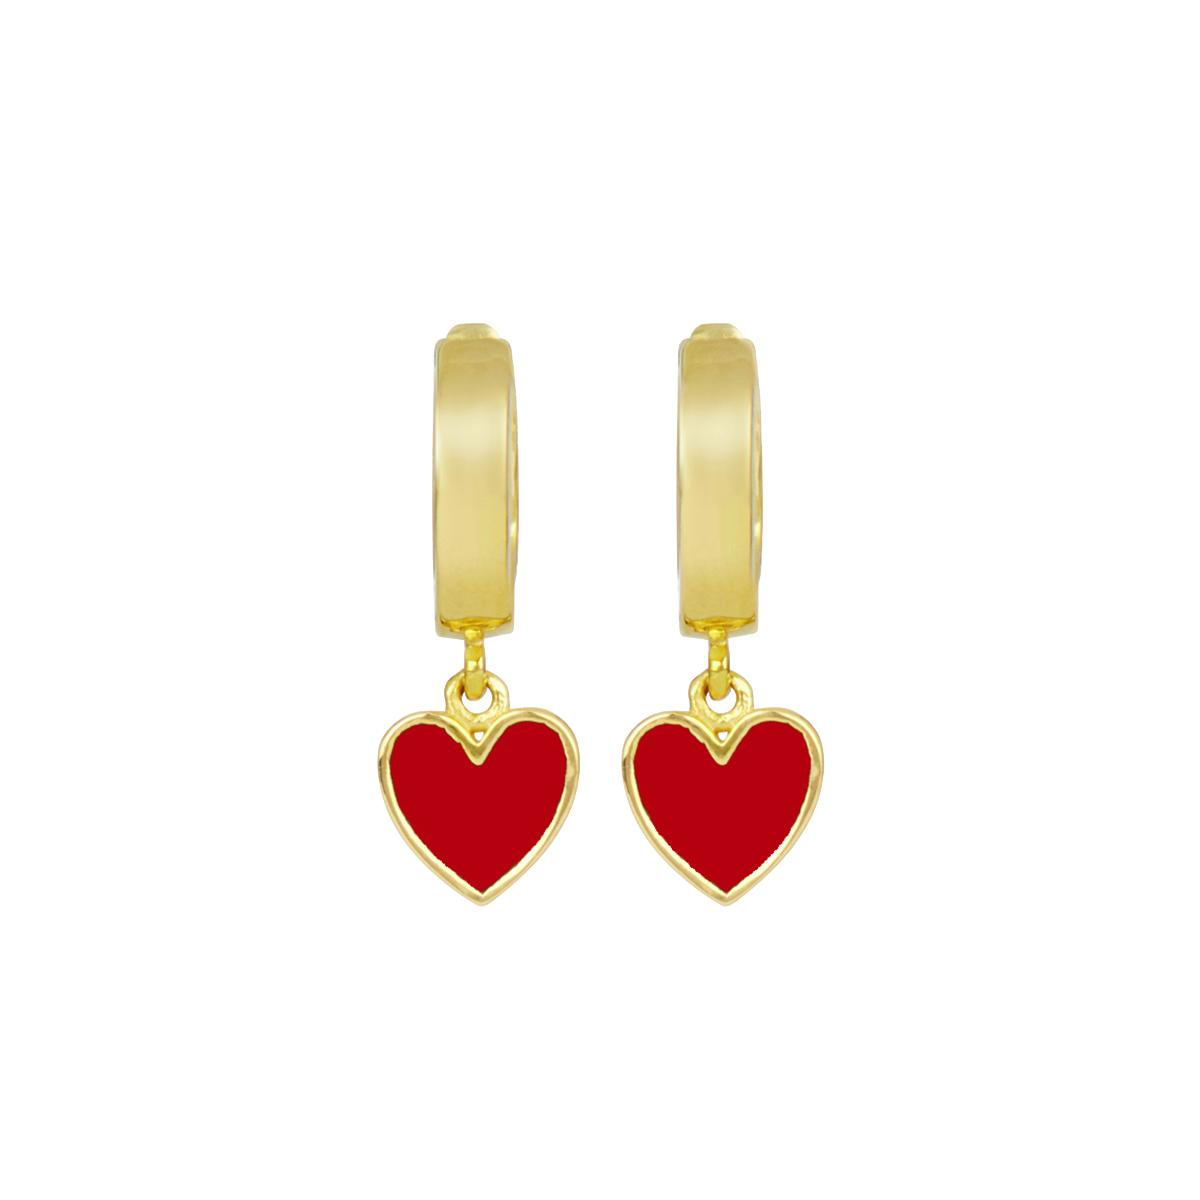 Red heart hoop earrings by Ottoman Hands